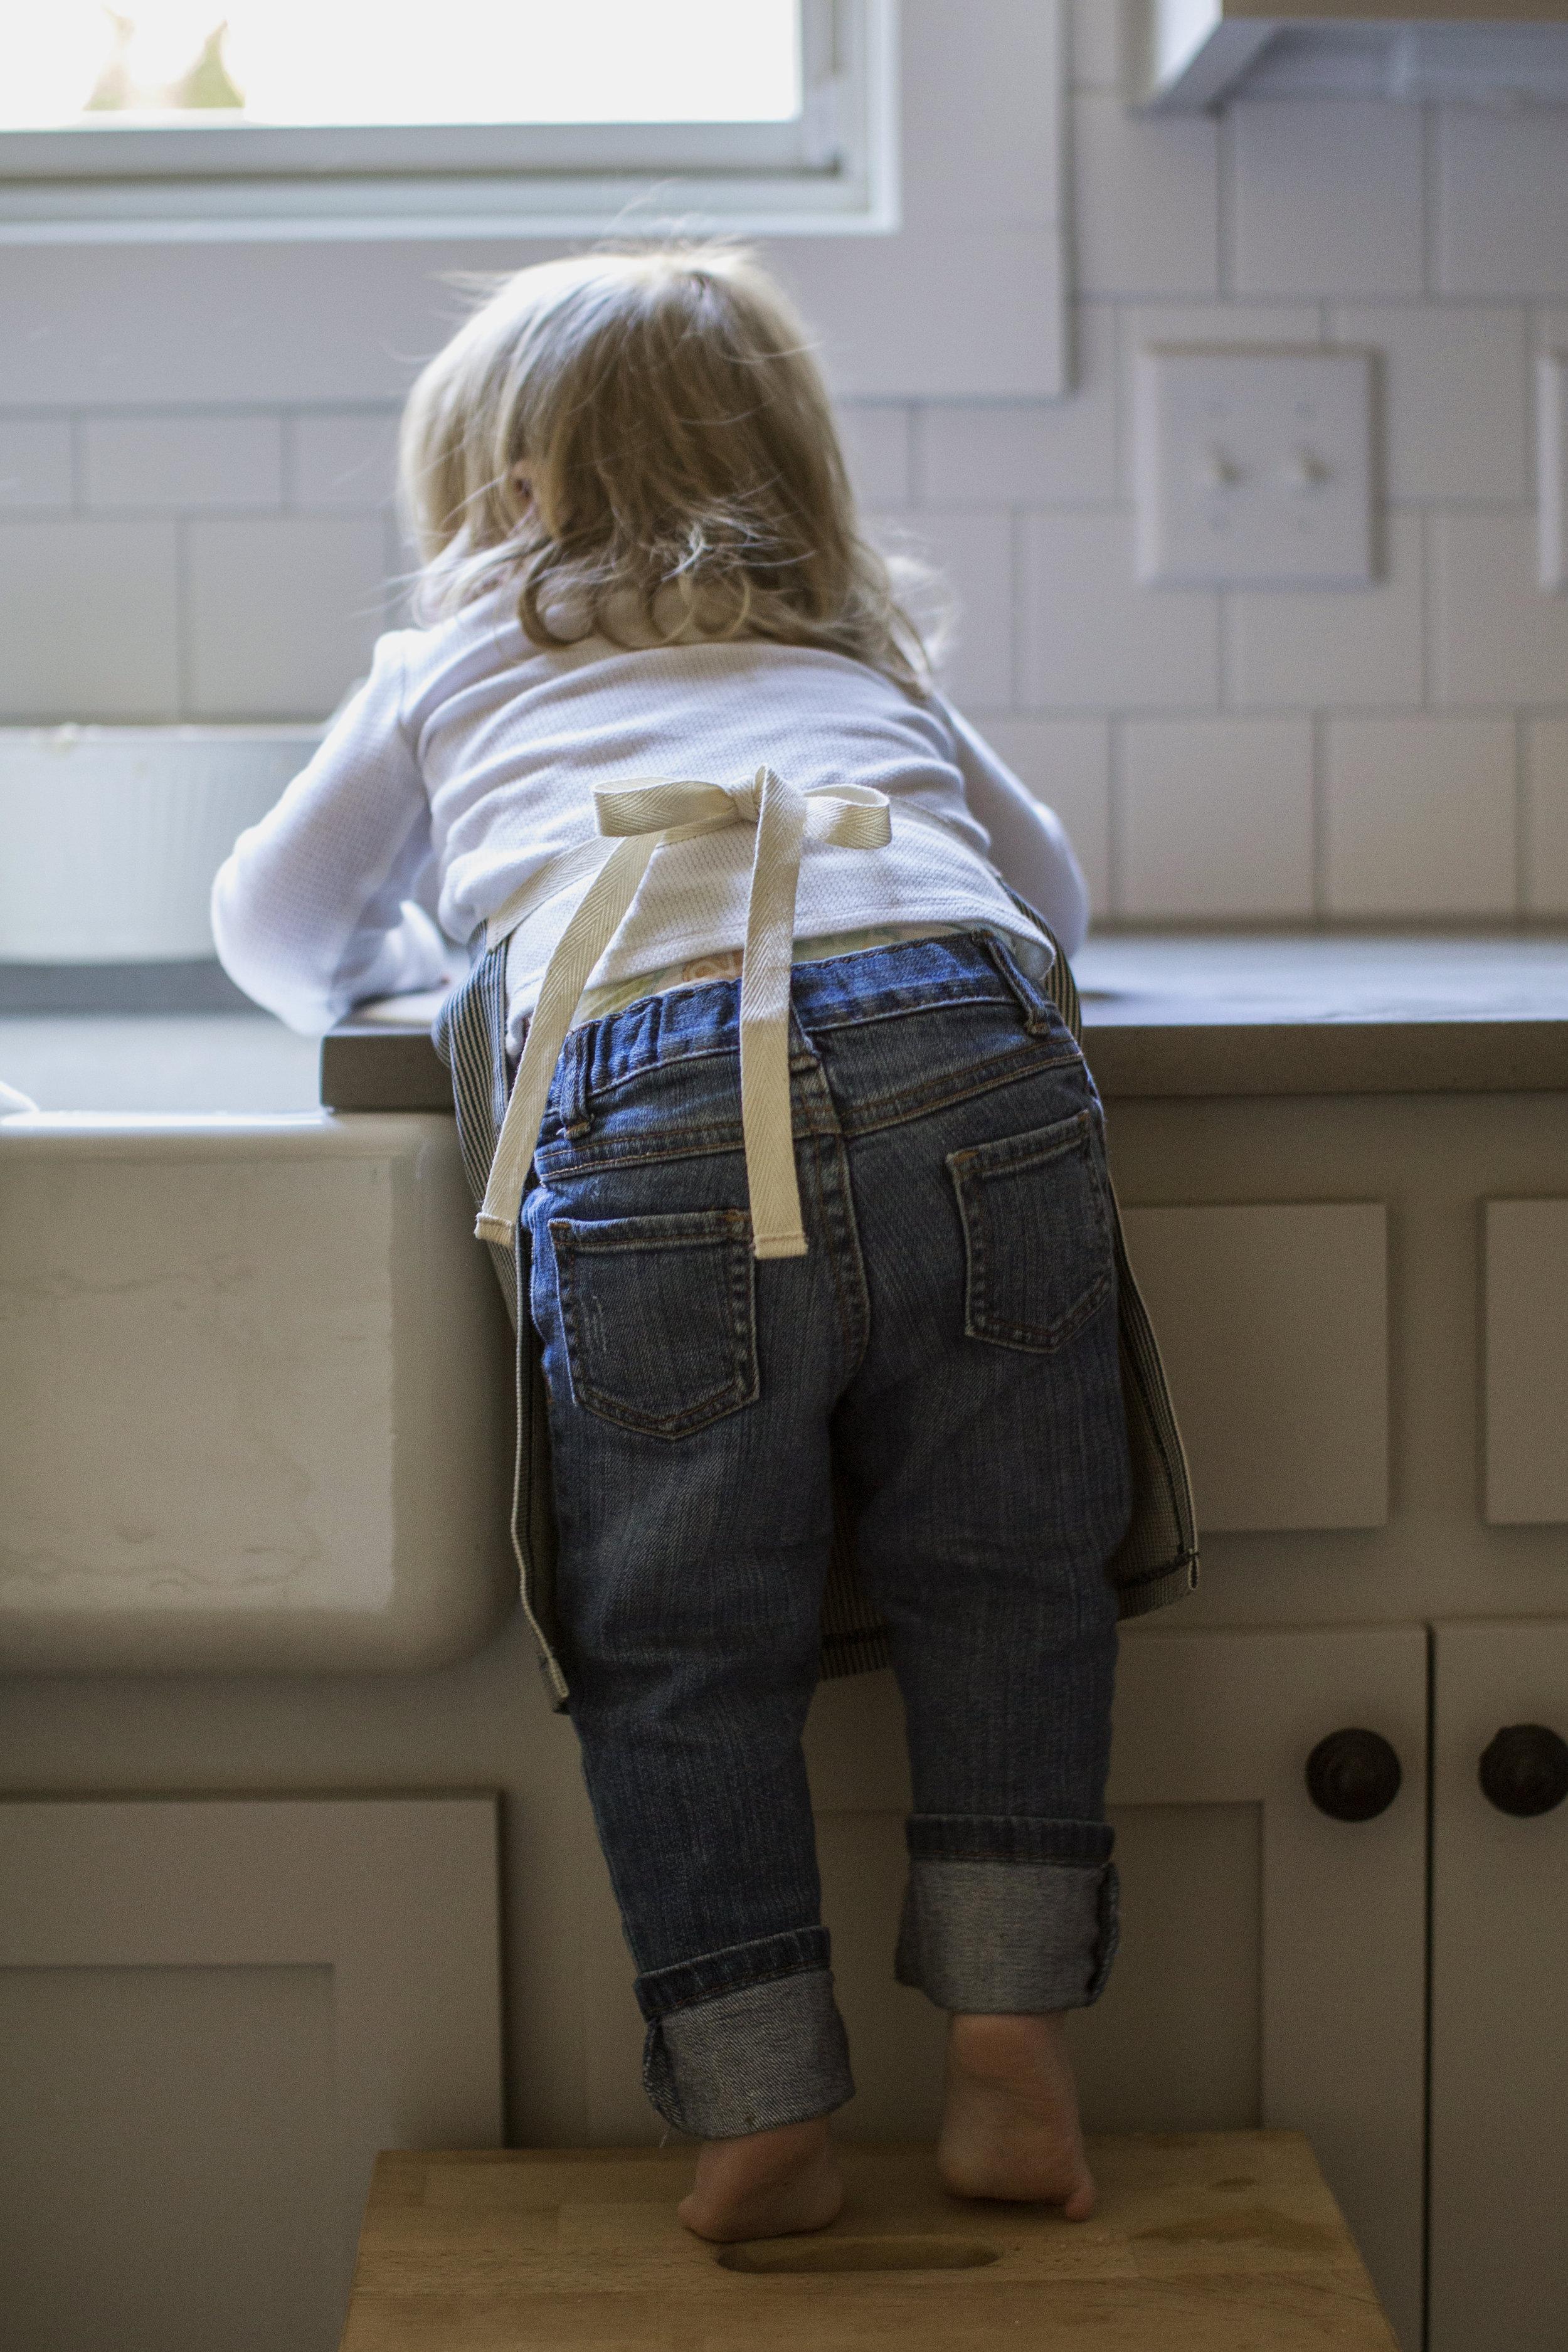 little kitchen helper in apron / heirloomed